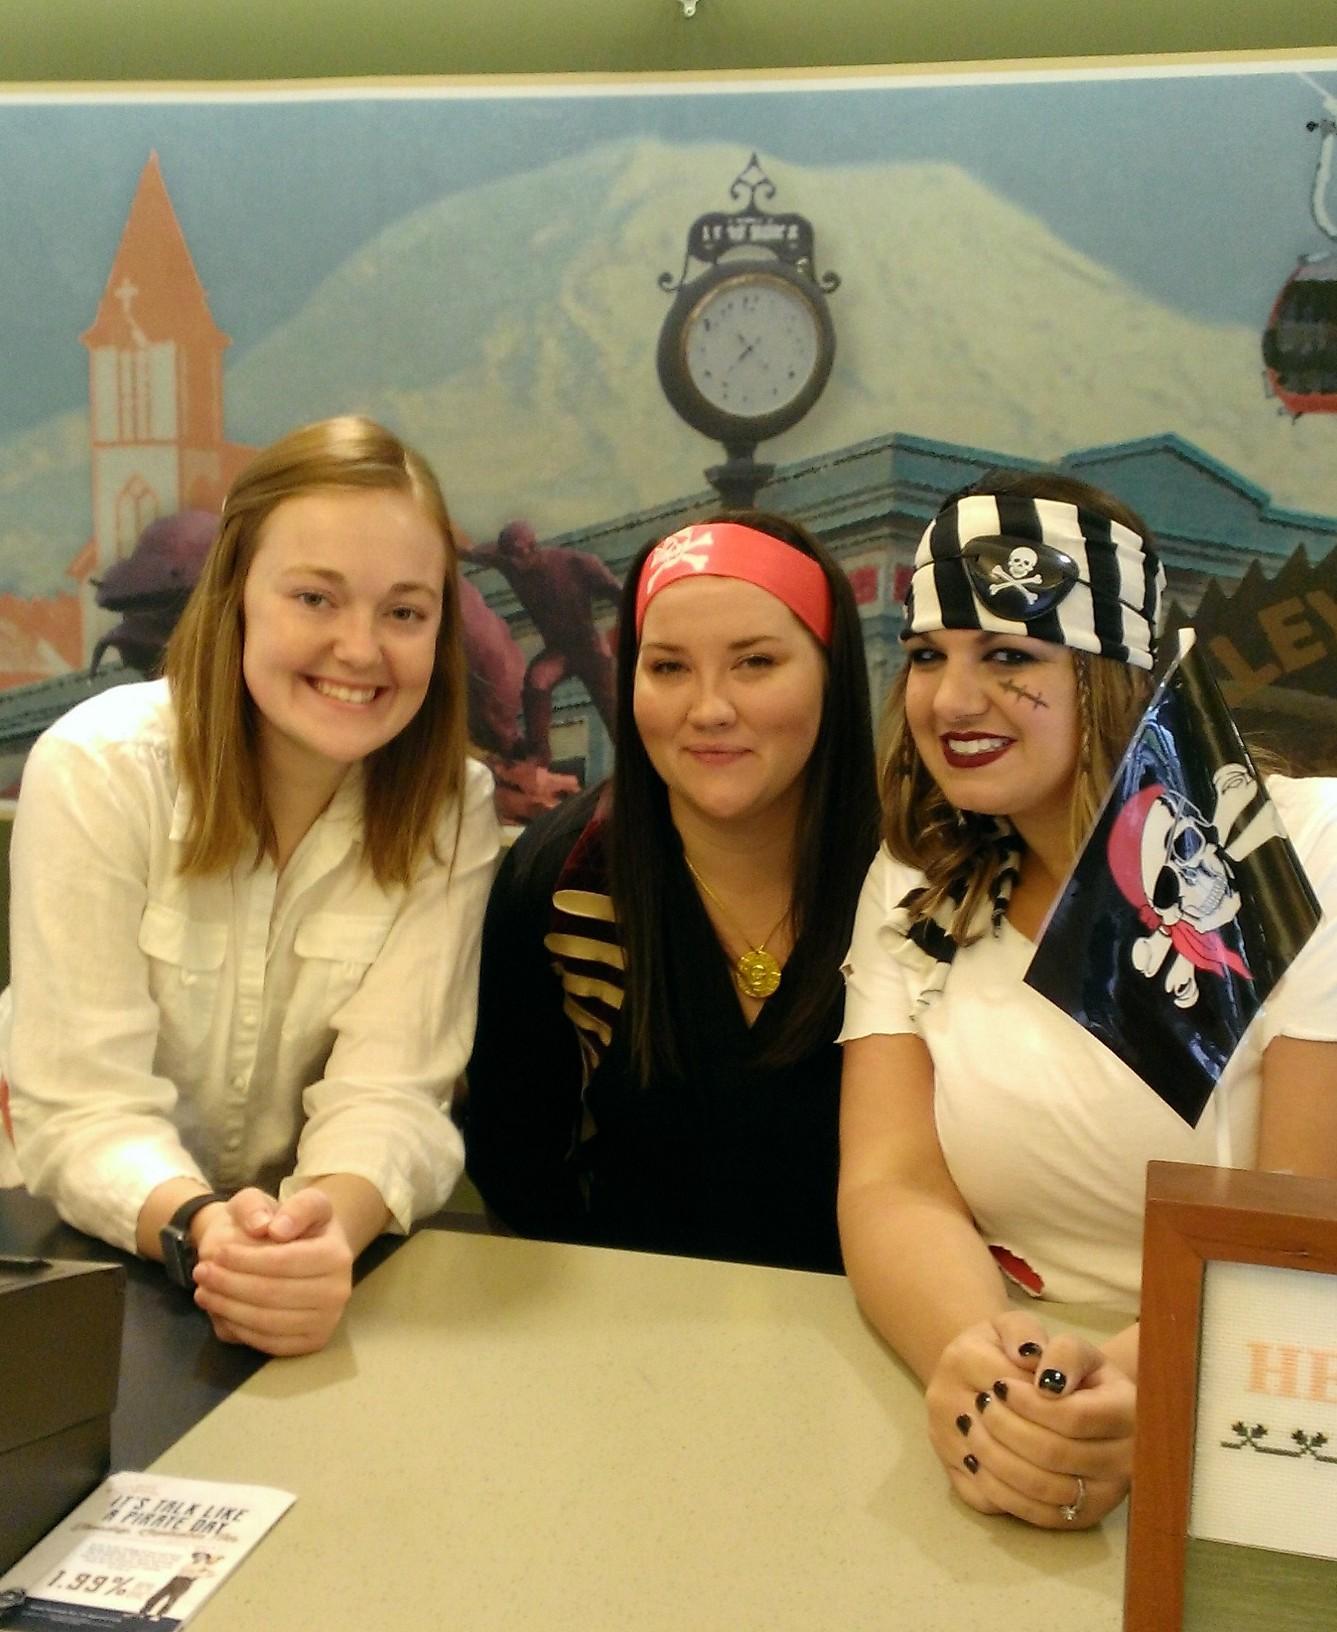 women posing dressed as pirates